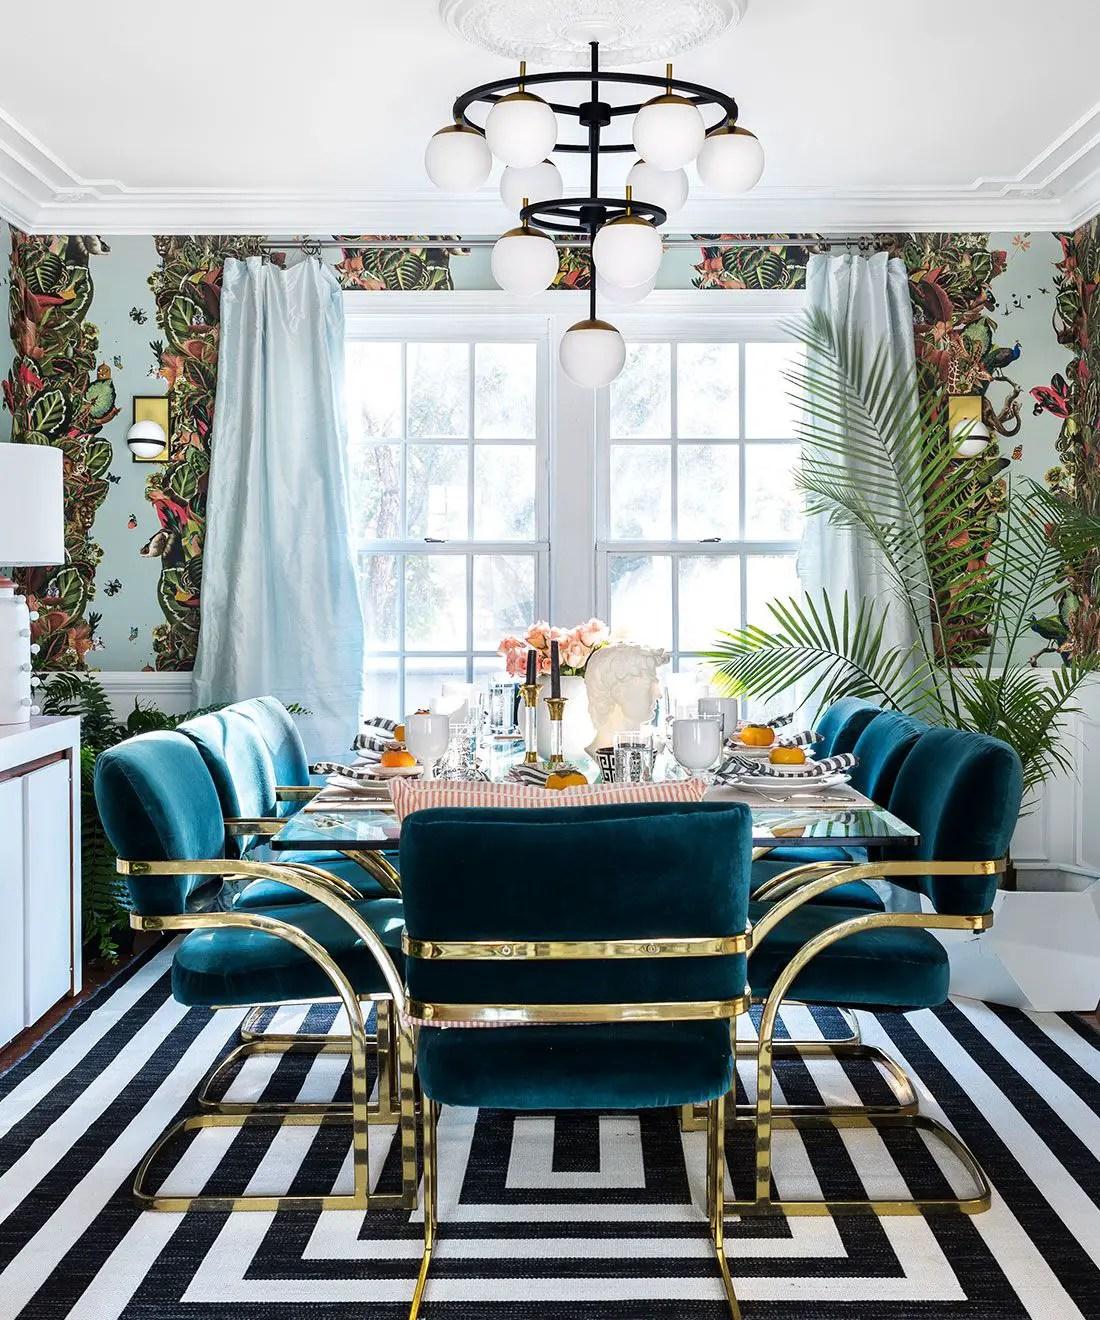 Cette belle salle à manger est décoré d'un papier peint bleu en motif tropique avec une table en verre. Les chaises bleus en velours donne une touche de calme sur un tapis noir et blanc.